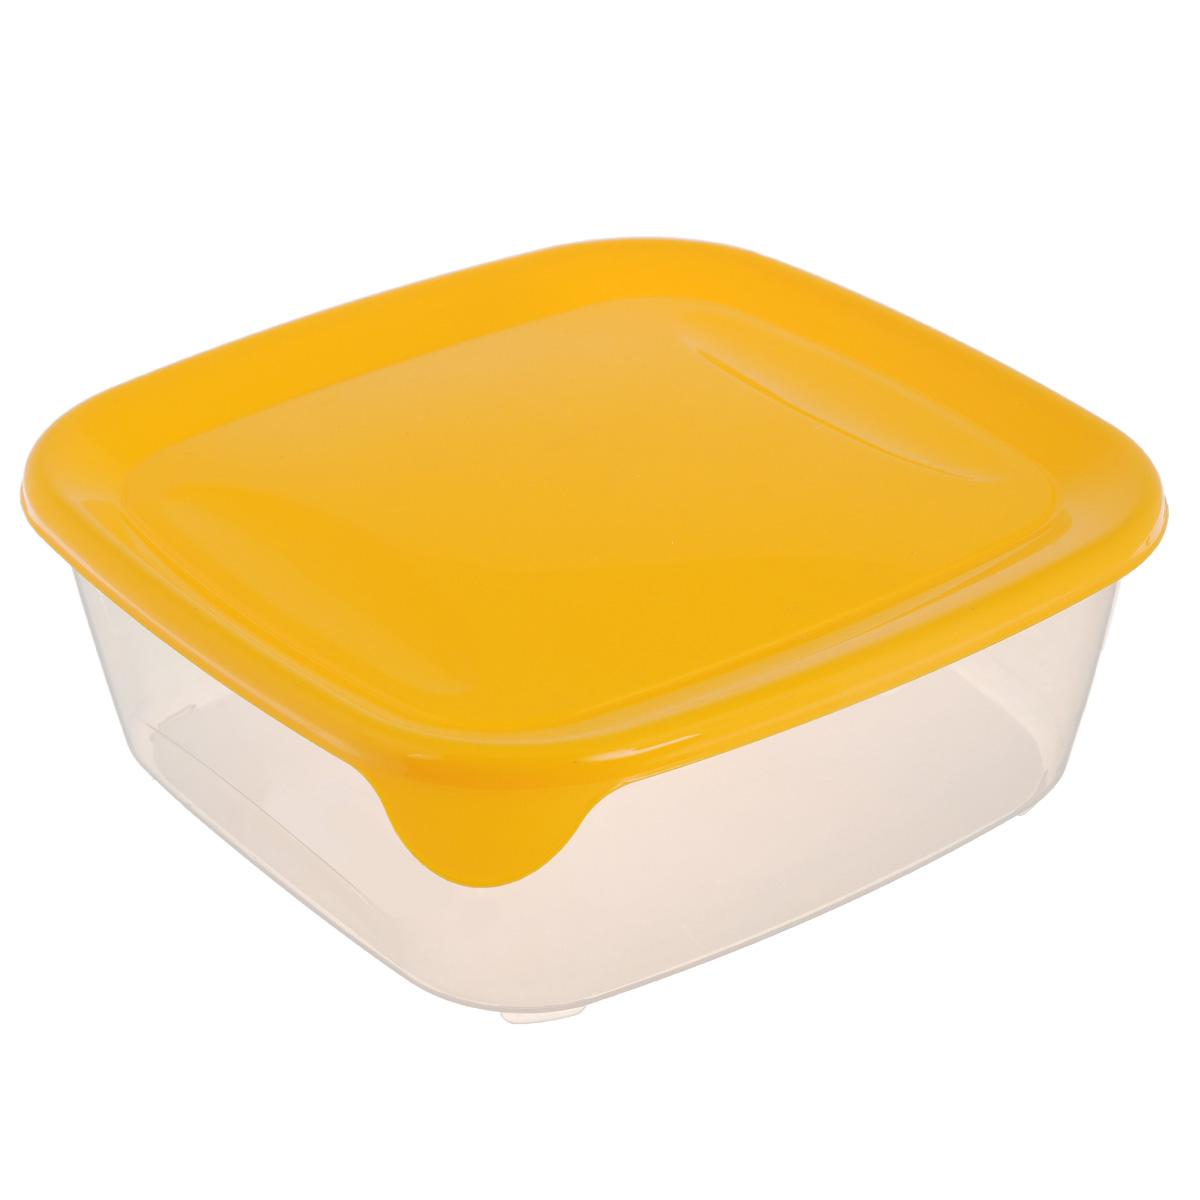 Емкость для заморозки и СВЧ Curver Fresh & Go, цвет: желтый, 2,9 лSC-FD421005Квадратная емкость для заморозки и СВЧ Curver Fresh & Go изготовлена из высококачественного пищевого пластика (BPA free), который выдерживает температуру от -40°С до +100°С. Стенки емкости прозрачные, а крышка цветная. Она плотно закрывается, дольше сохраняя продукты свежими и вкусными. Емкость удобно брать с собой на работу, учебу, пикник или просто использовать для хранения пищи в холодильнике. Можно использовать в микроволновой печи и для заморозки в морозильной камере. Можно мыть в посудомоечной машине.